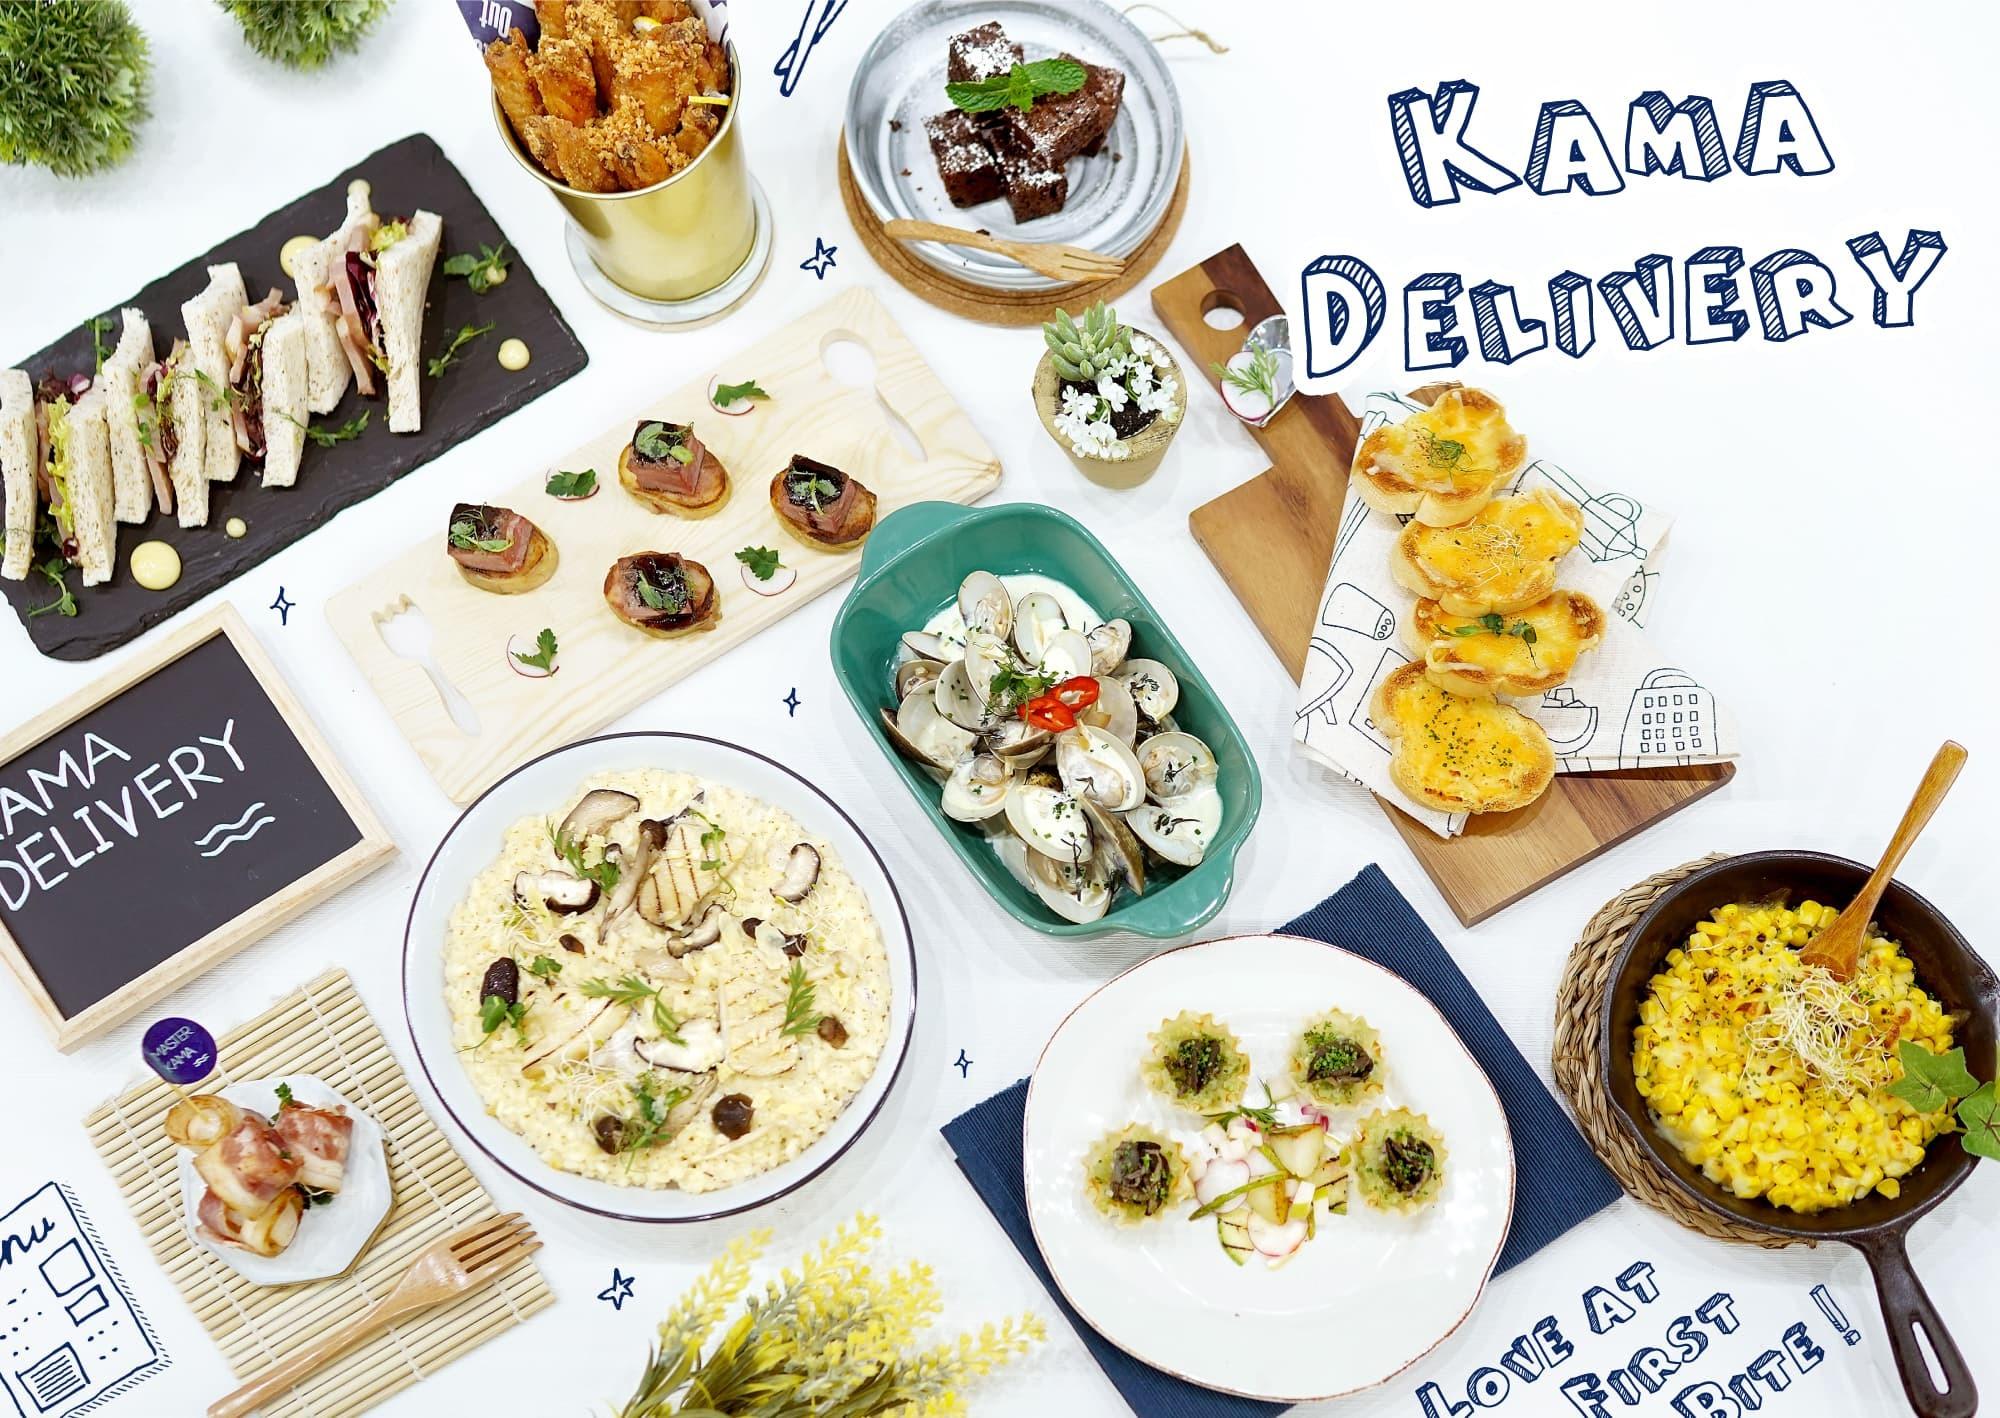 81人外賣套餐預訂|Kama Delivery為大型Party製作各款特色食品,並可為你的派對度身訂造個性化Menu及按人數調整美食份量。